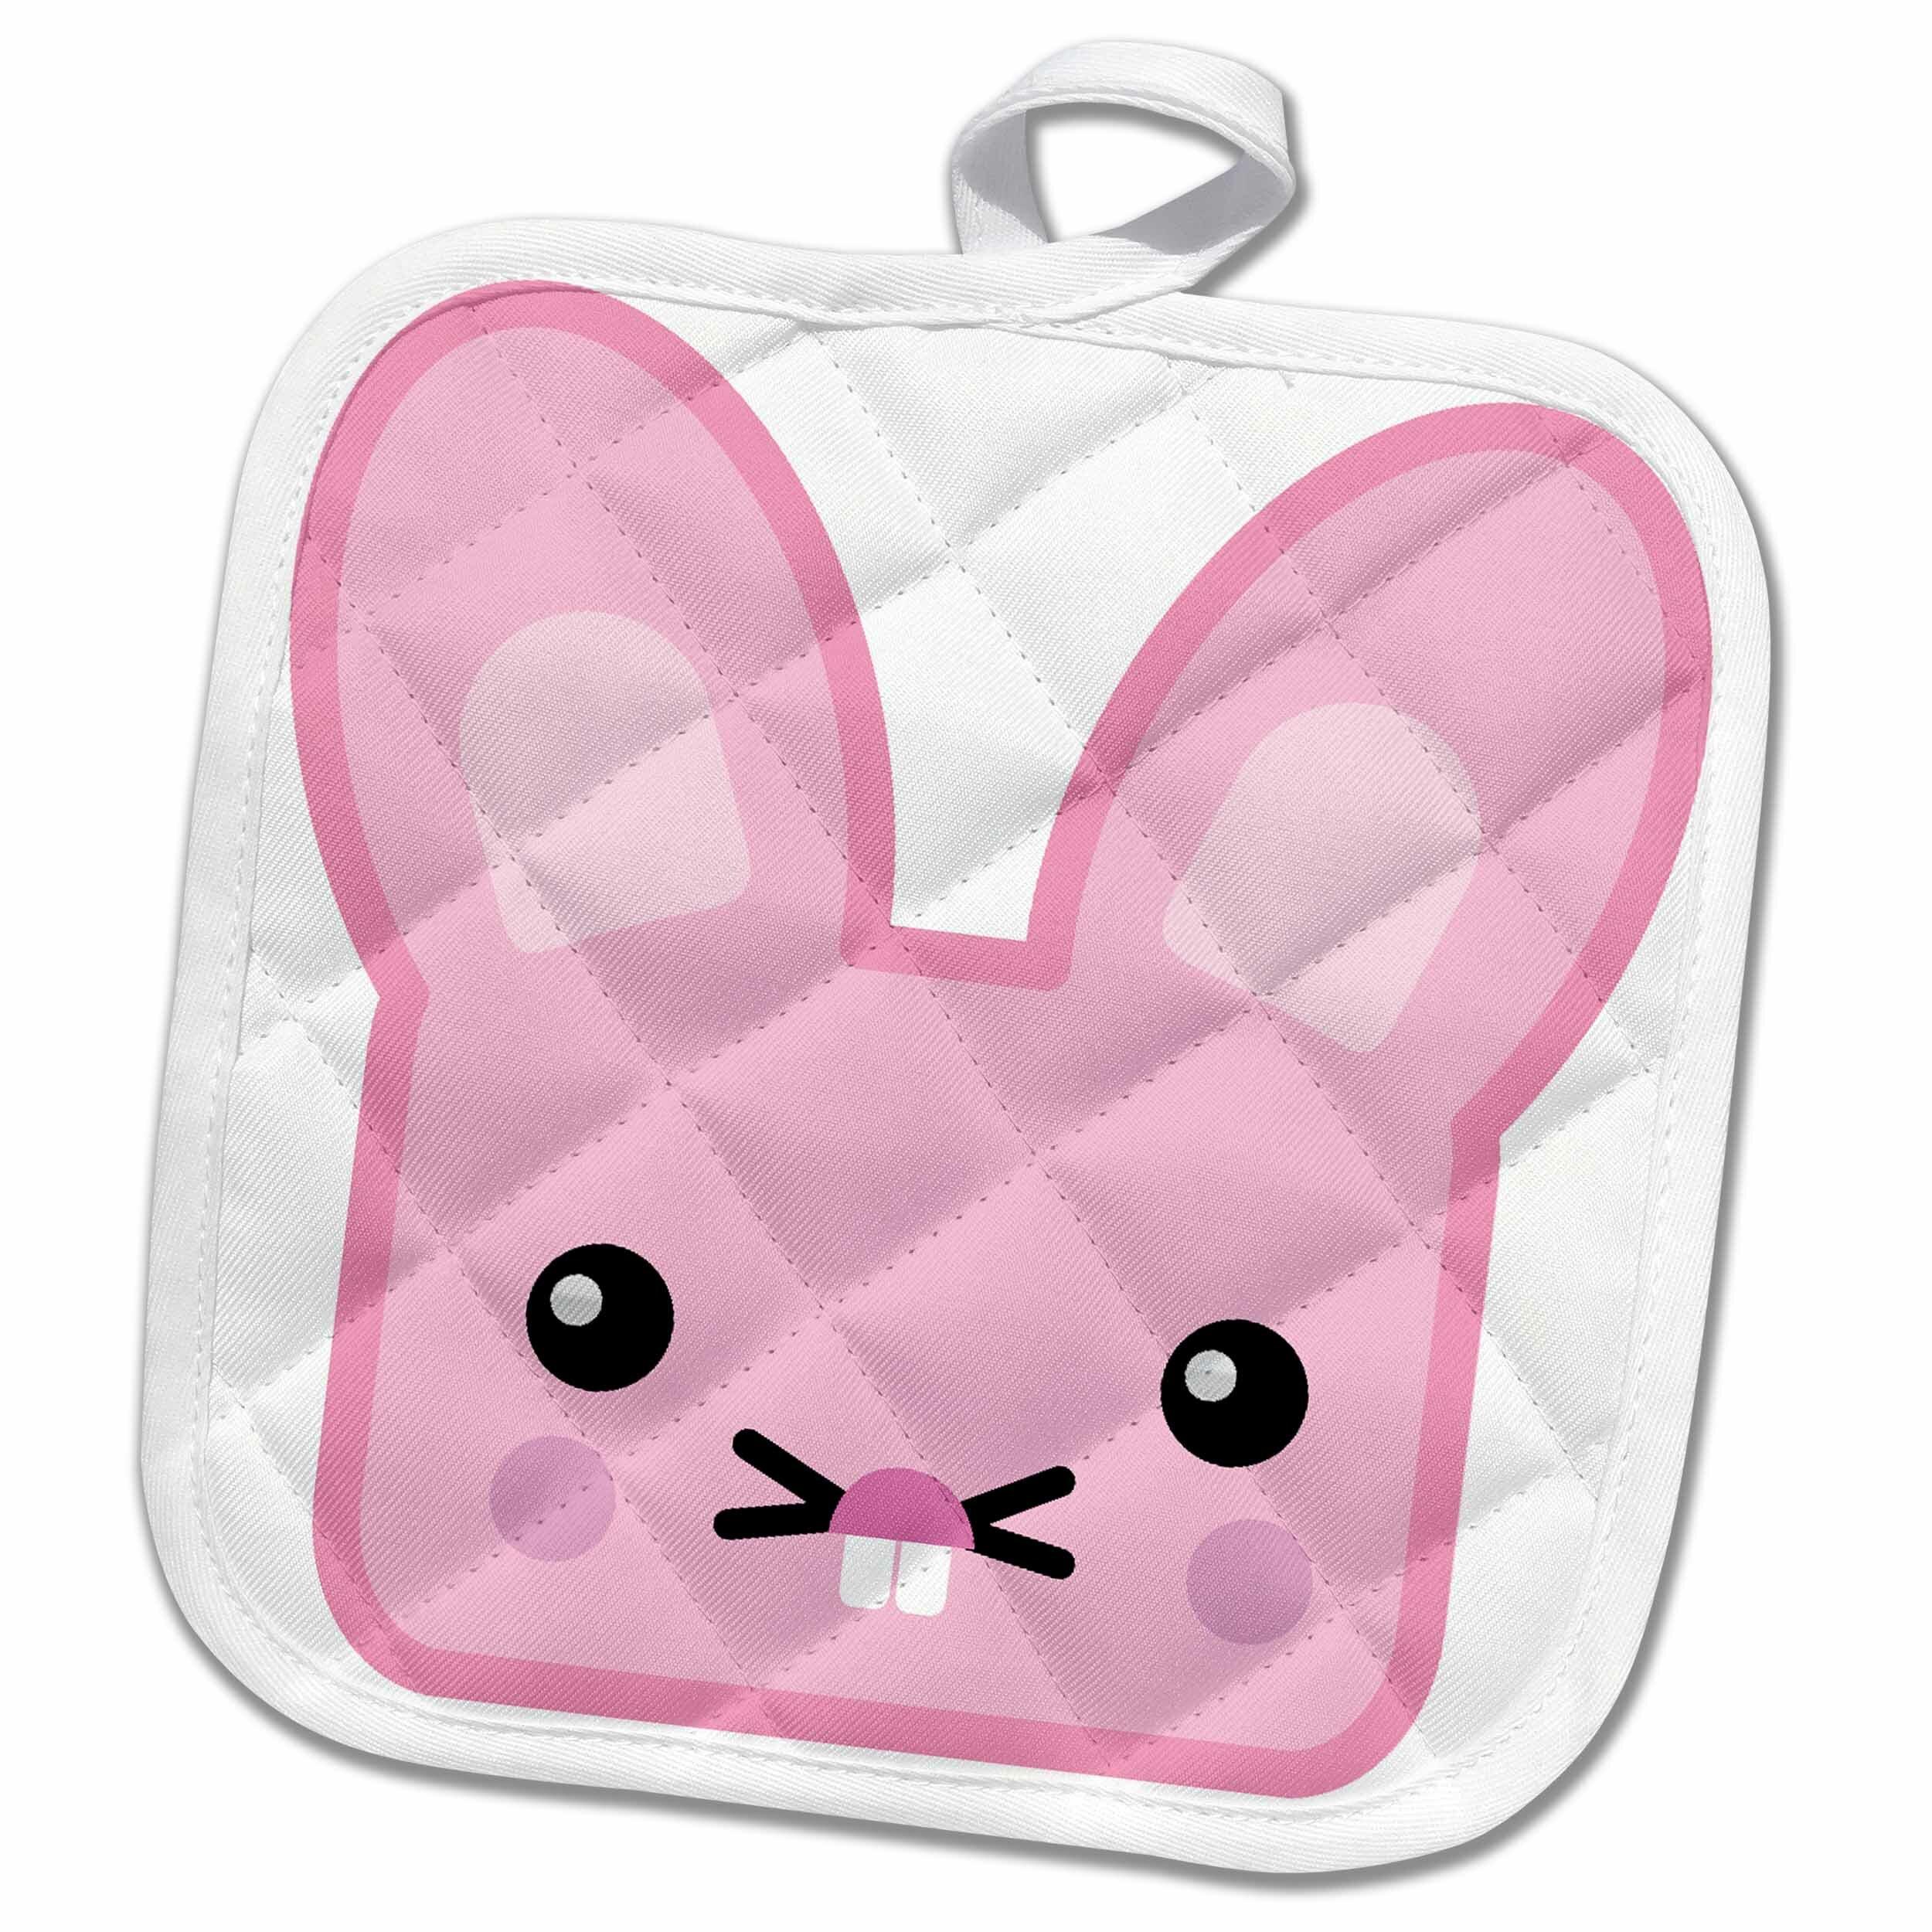 3drose Cute Kawaii Bunny Potholder Wayfair